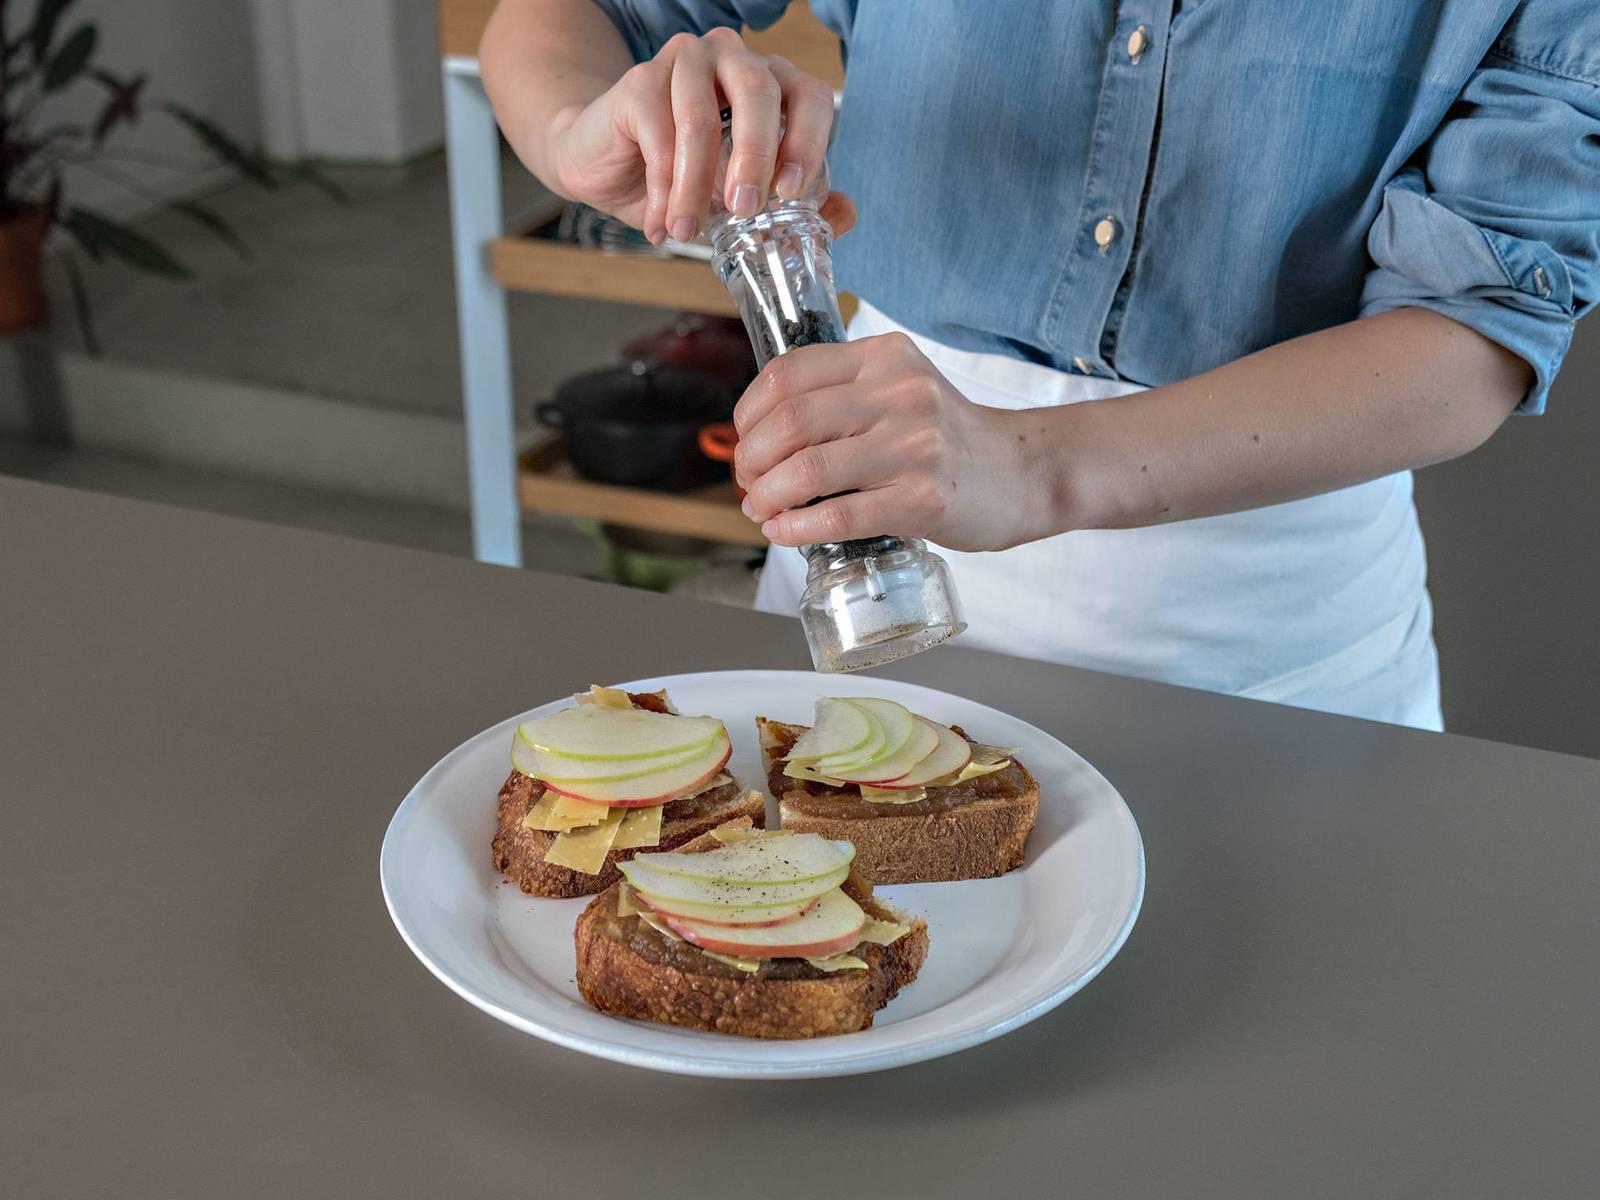 煮好后置于一旁冷却,然后再倒入可密封罐中保存。将苹果黄油和芝士一起涂到面包上,佐新鲜苹果片享用!